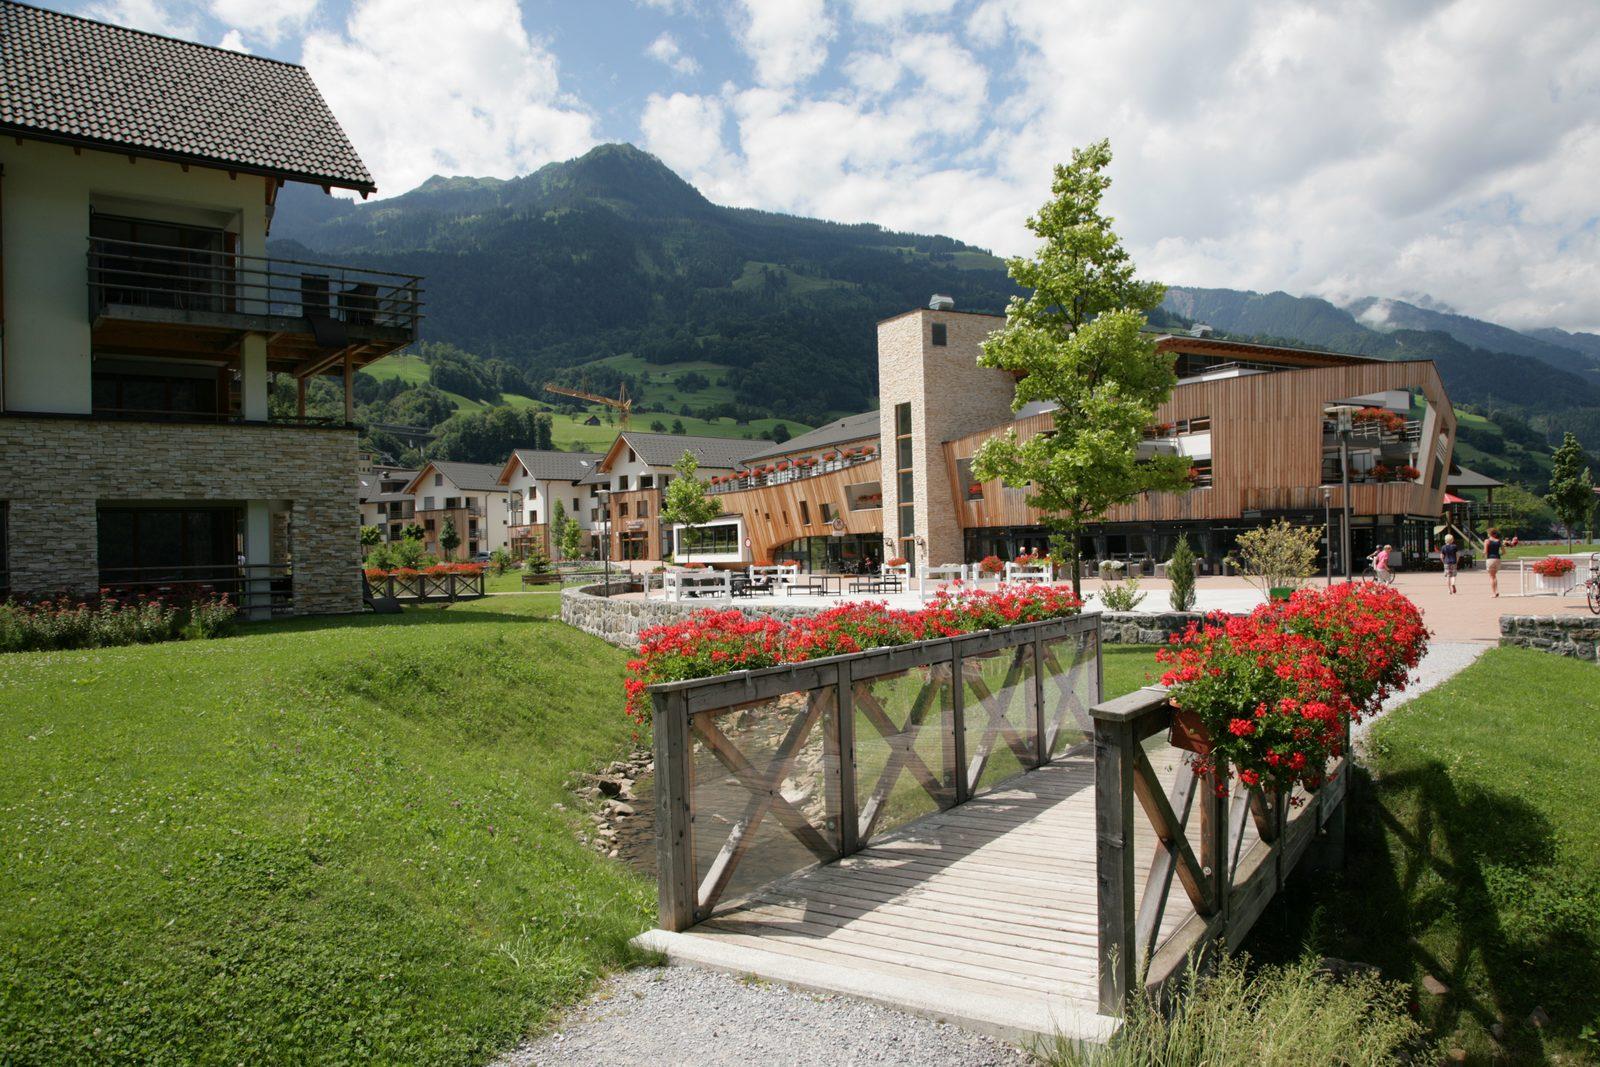 Der Wanderweg entlang des Ufers von Resort Walensee Heidiland Flumsberg Schweiz in den Sommerferien